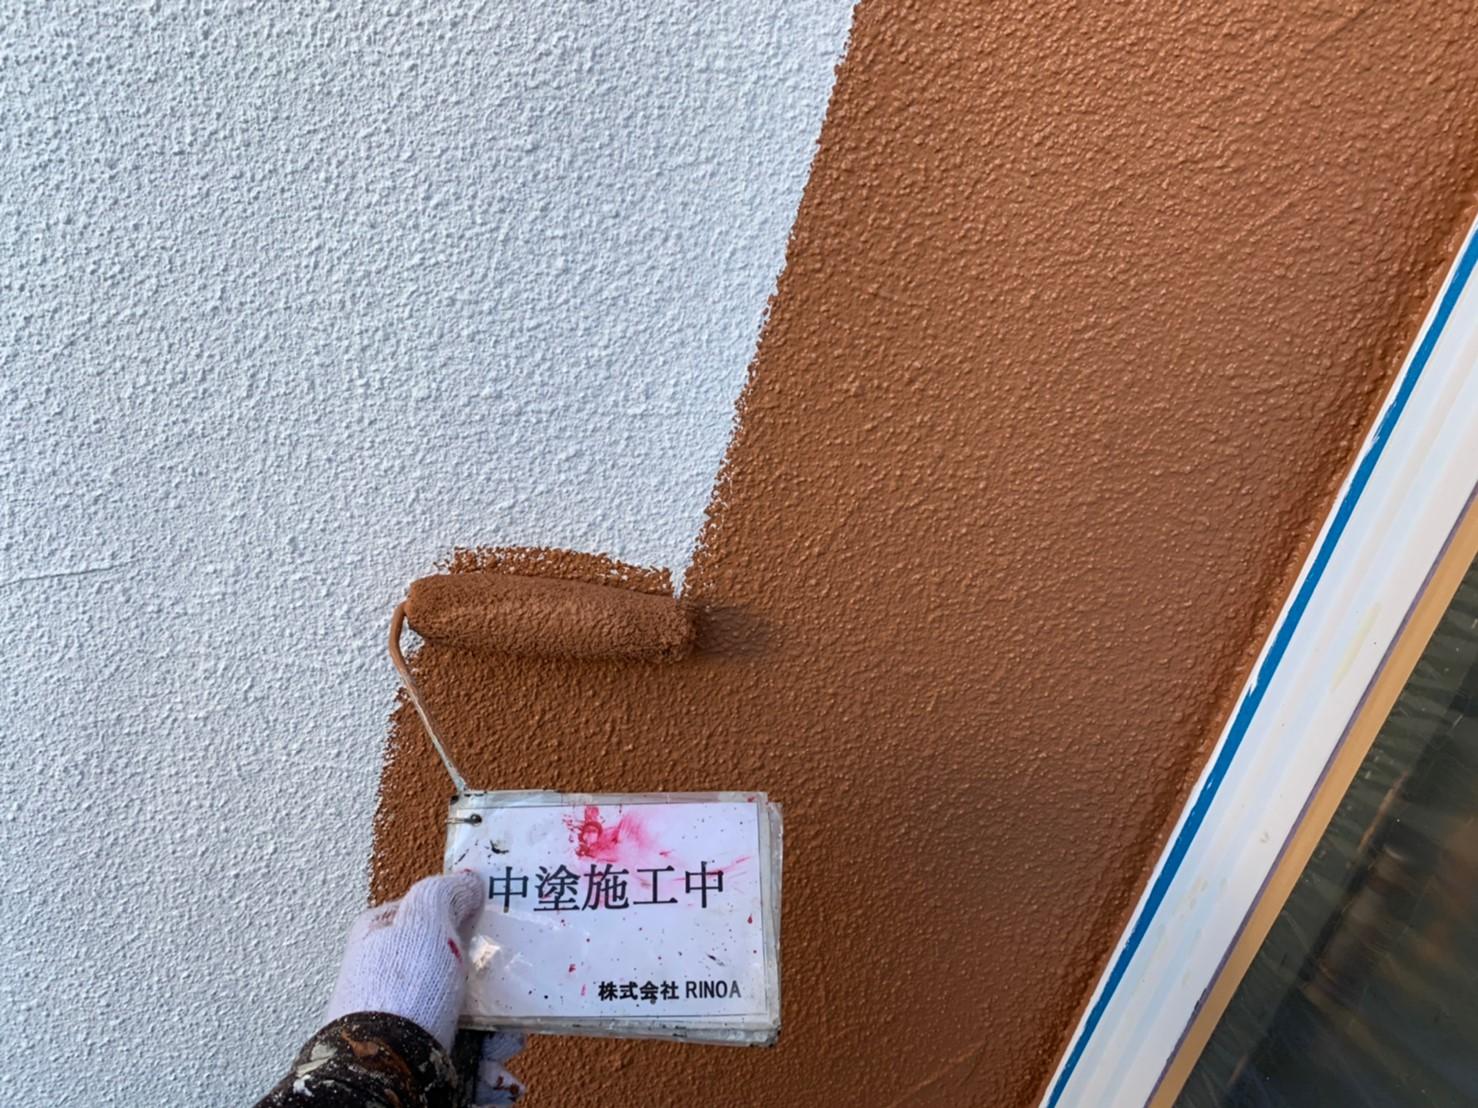 神奈川県秦野市外壁塗装 中塗りの画像